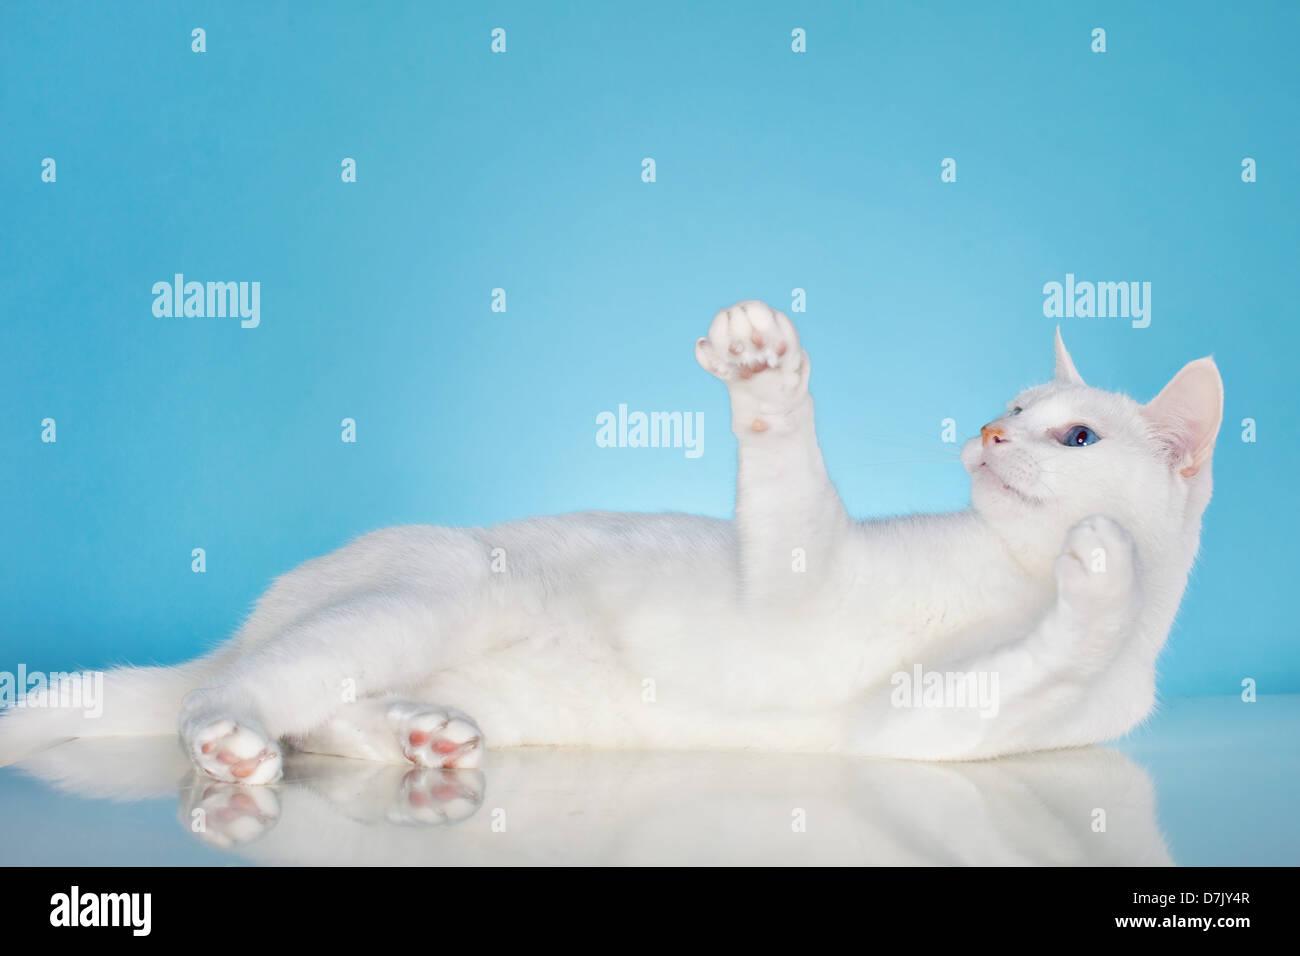 Gato blanco puro con ojos azules en buen humor contra el fondo azul. Imagen De Stock